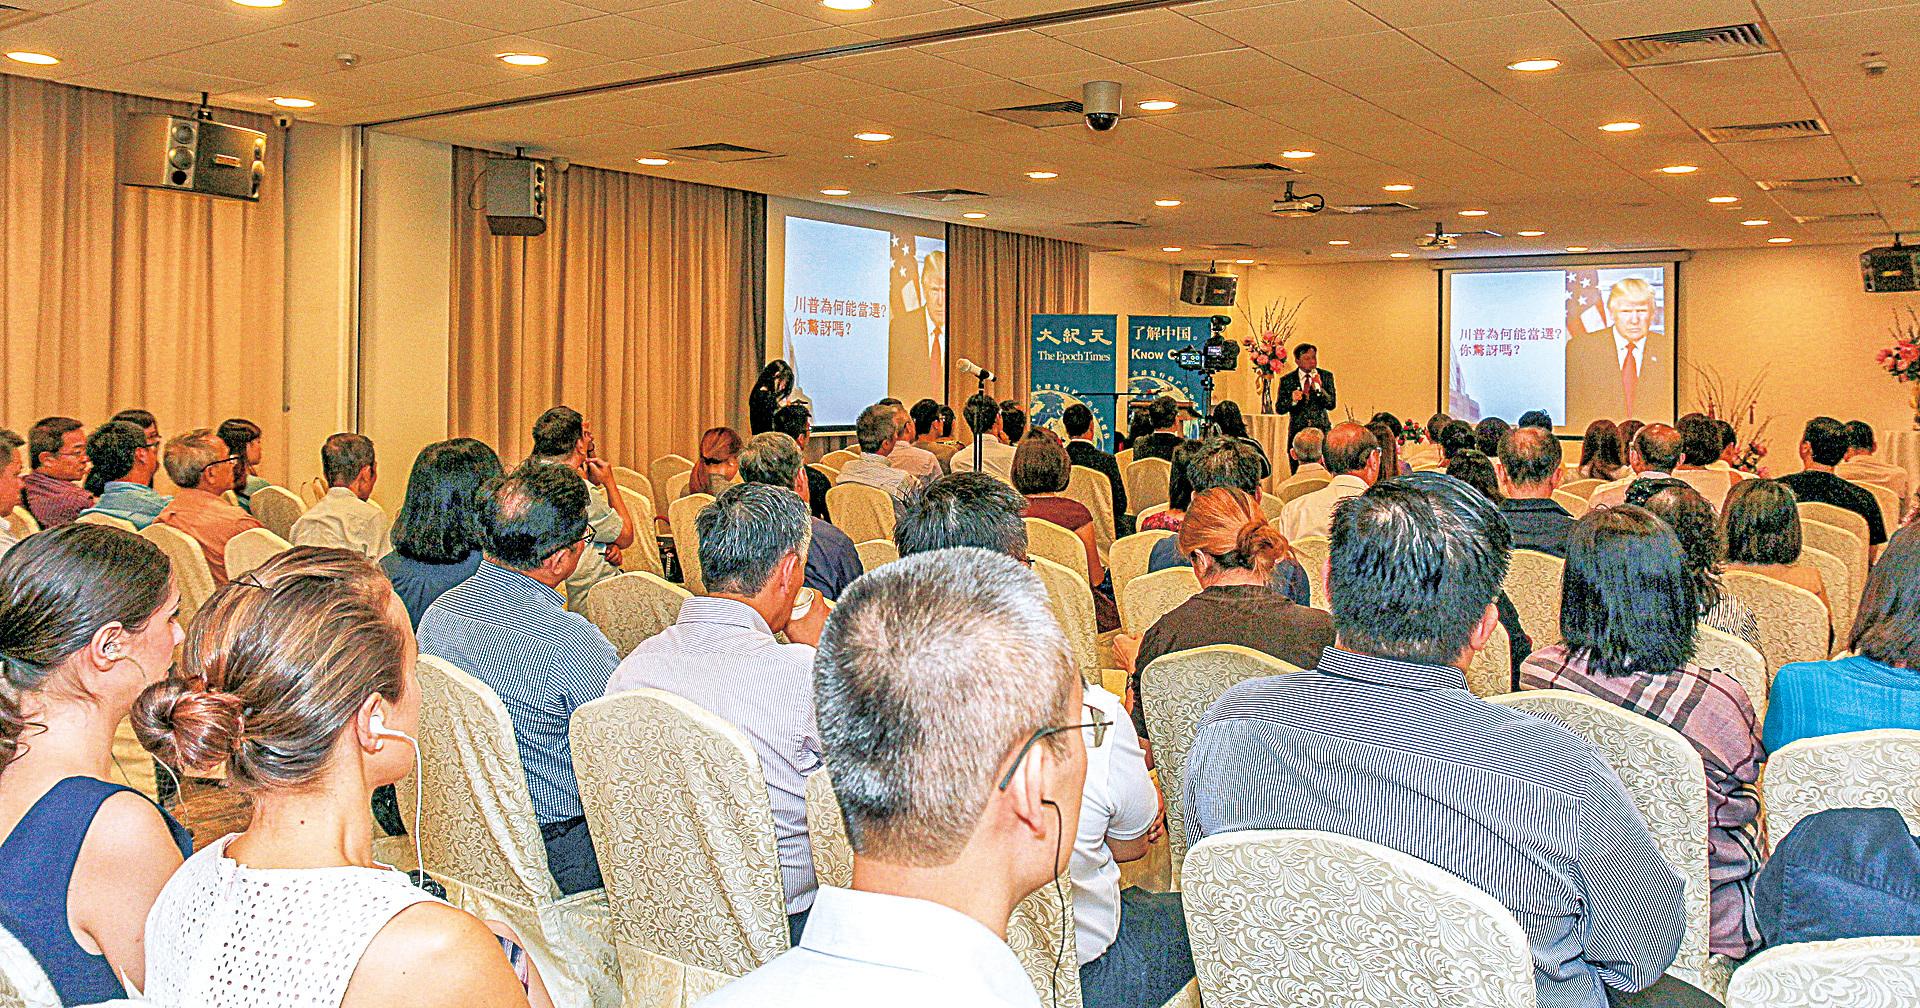 大紀元集團主辦的「全球局勢座談」,讓在場新加坡商家以不同角度了解局勢,並重新思考中小企業生存之道。